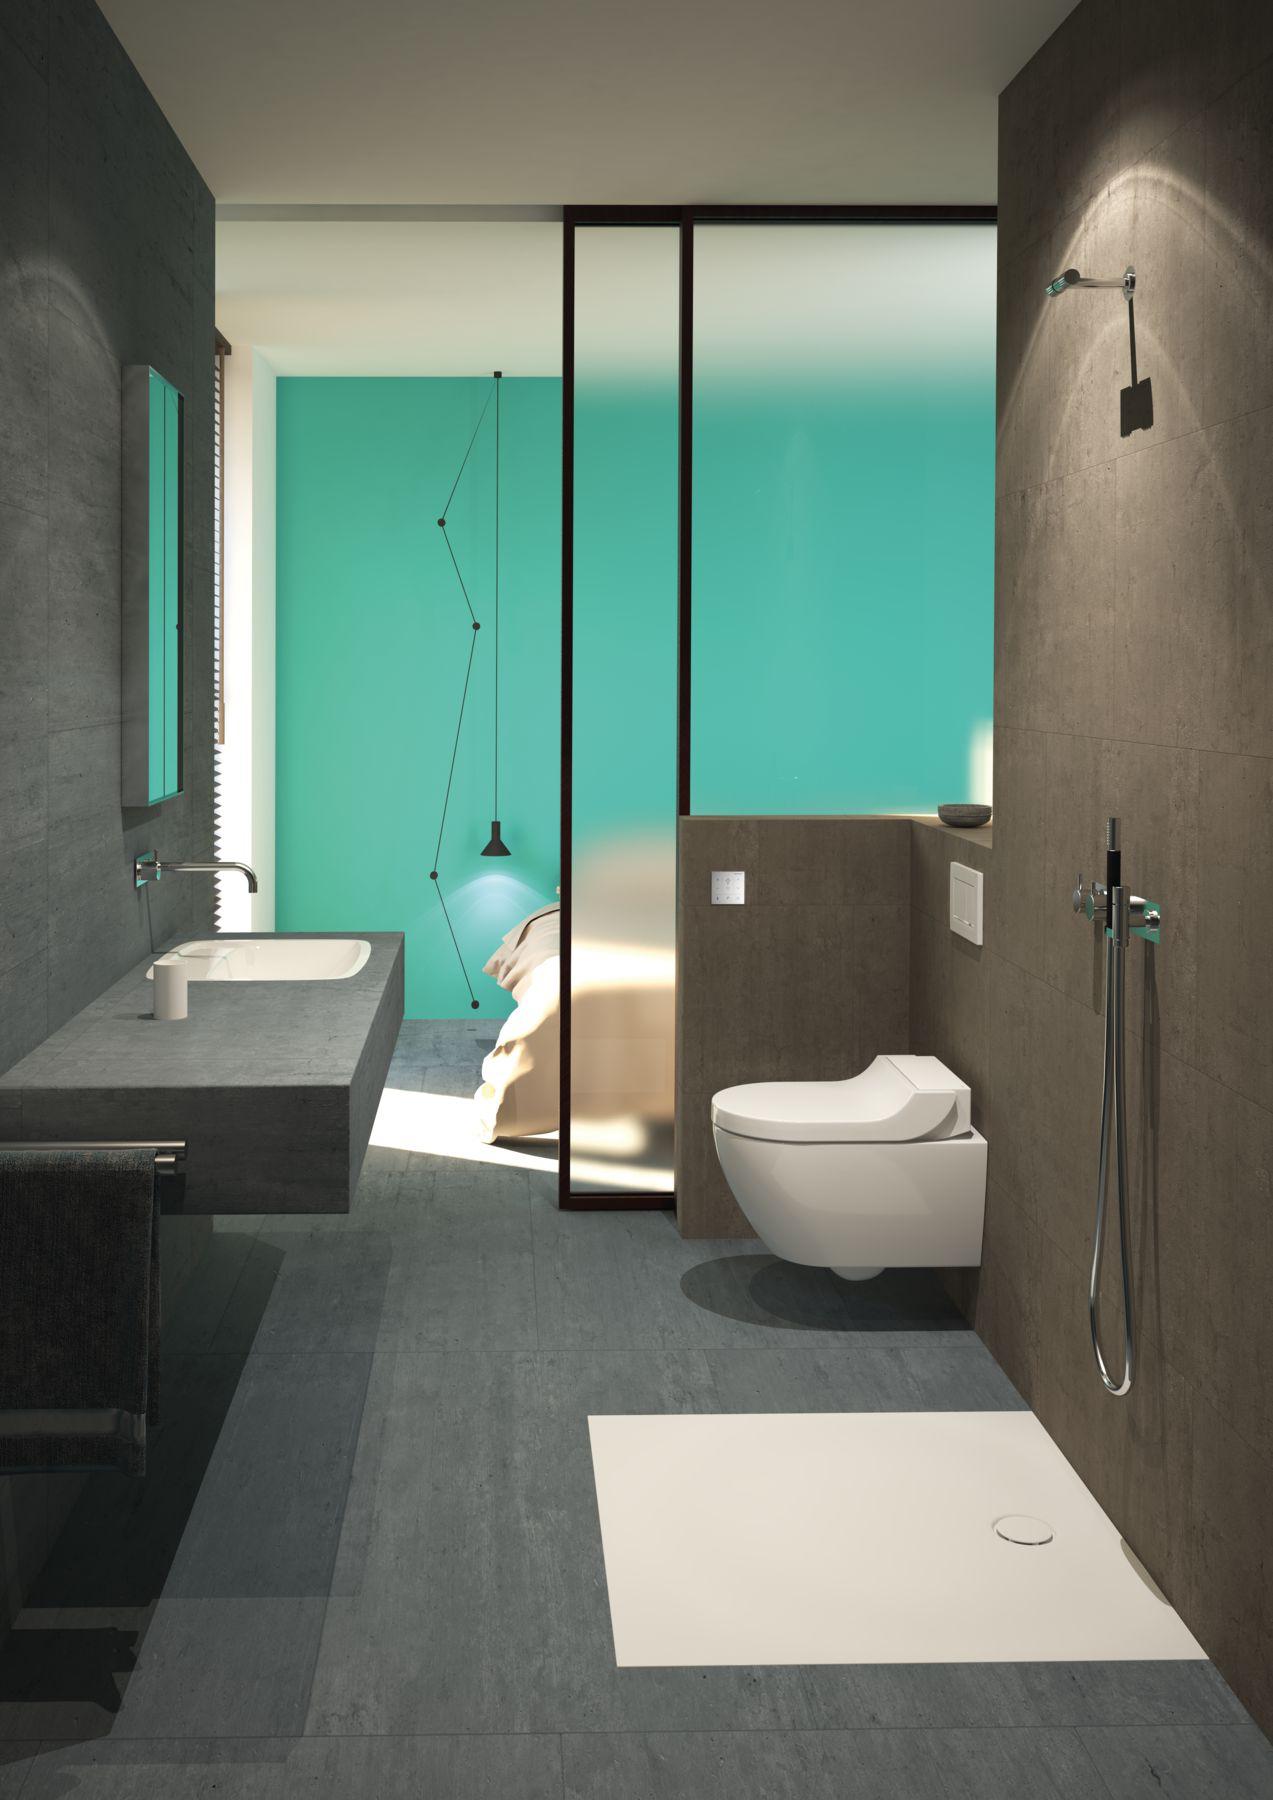 Badkamer met inloopdouche met de nieuwe douchevloer Setaplano van Geberit #douche #badkamer